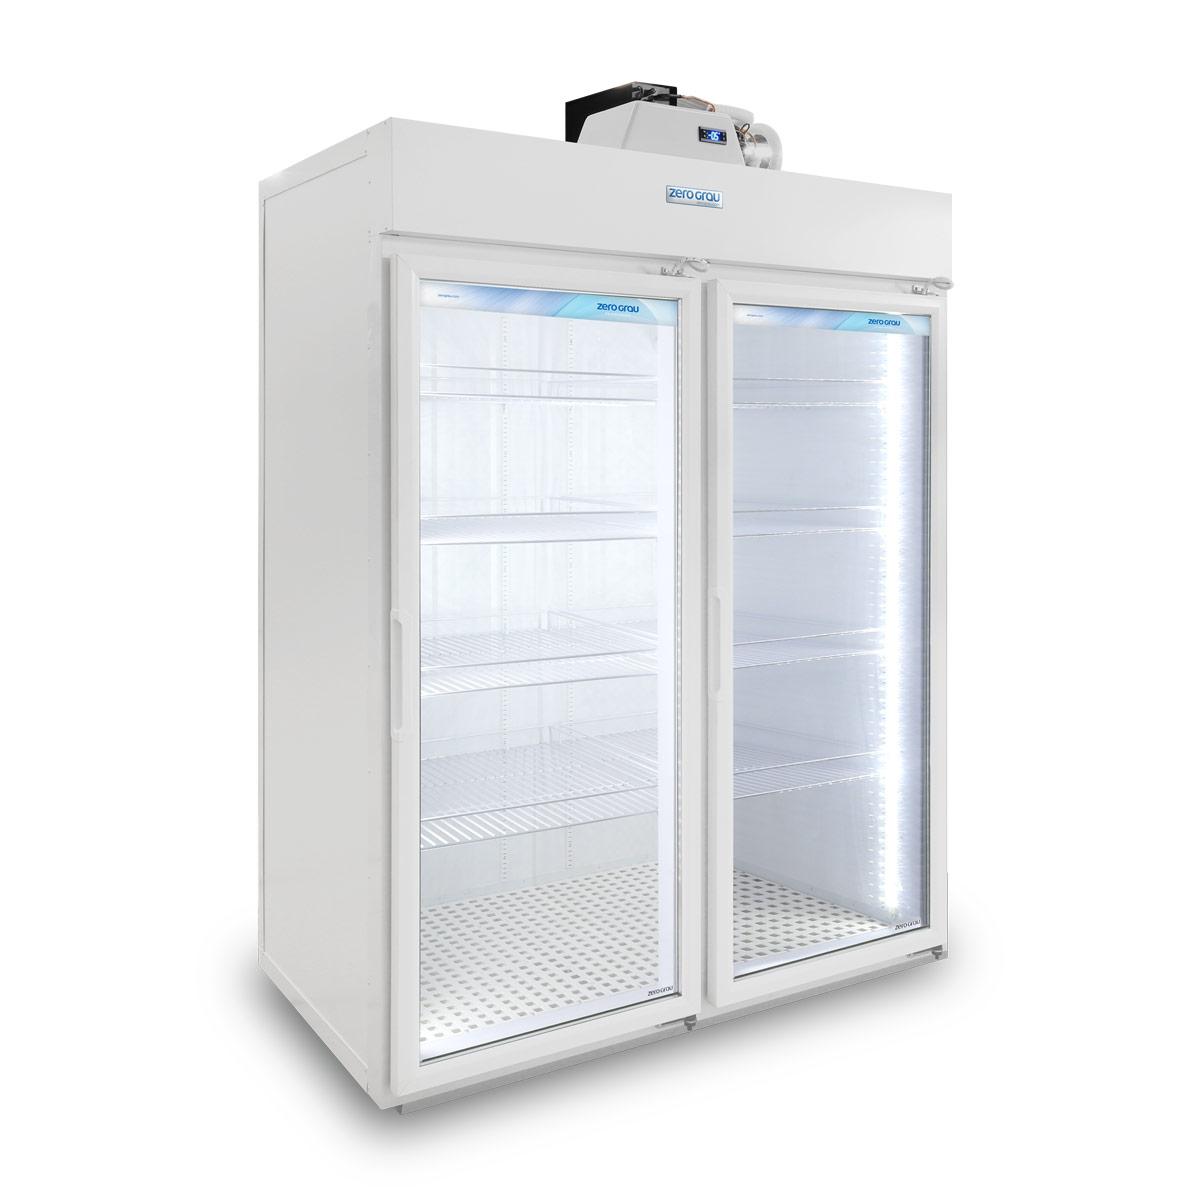 Expositor Modular 2 Portas para Resfriados - 1.580 Litros